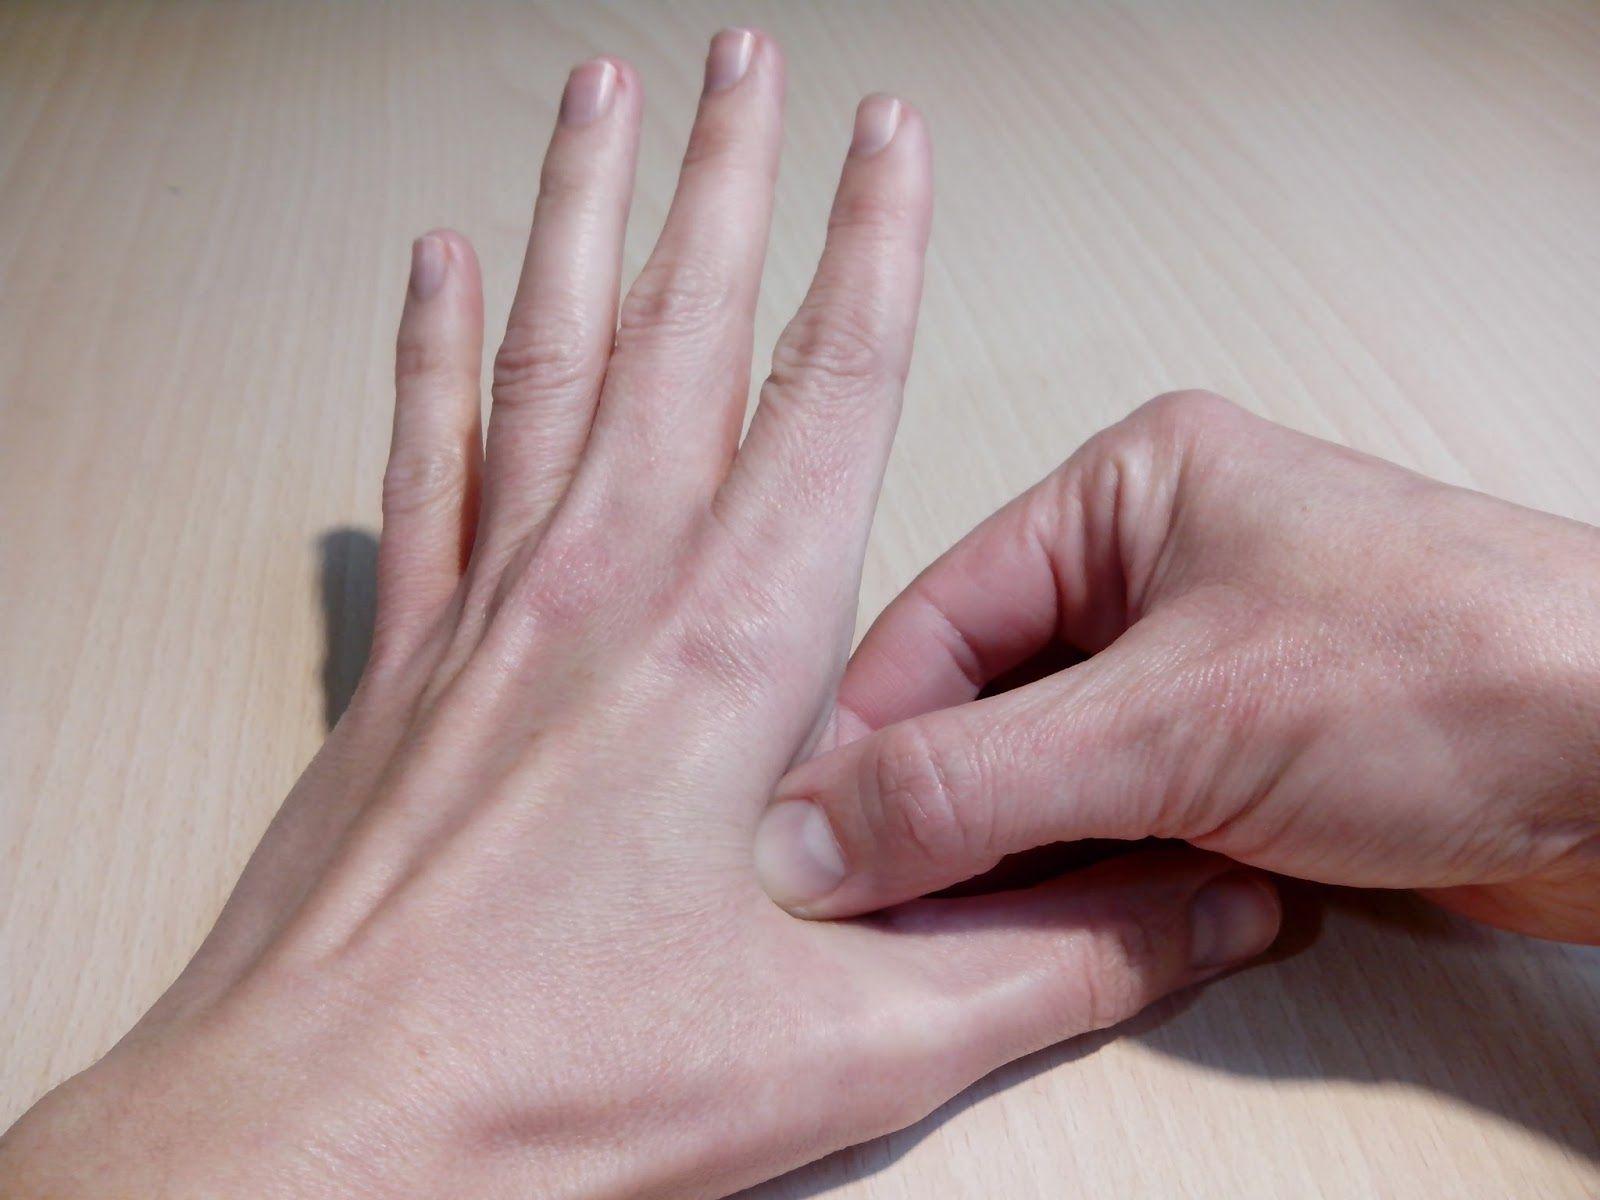 Dexter, Season 1 Ice truck killer prosthetic hand nails ...